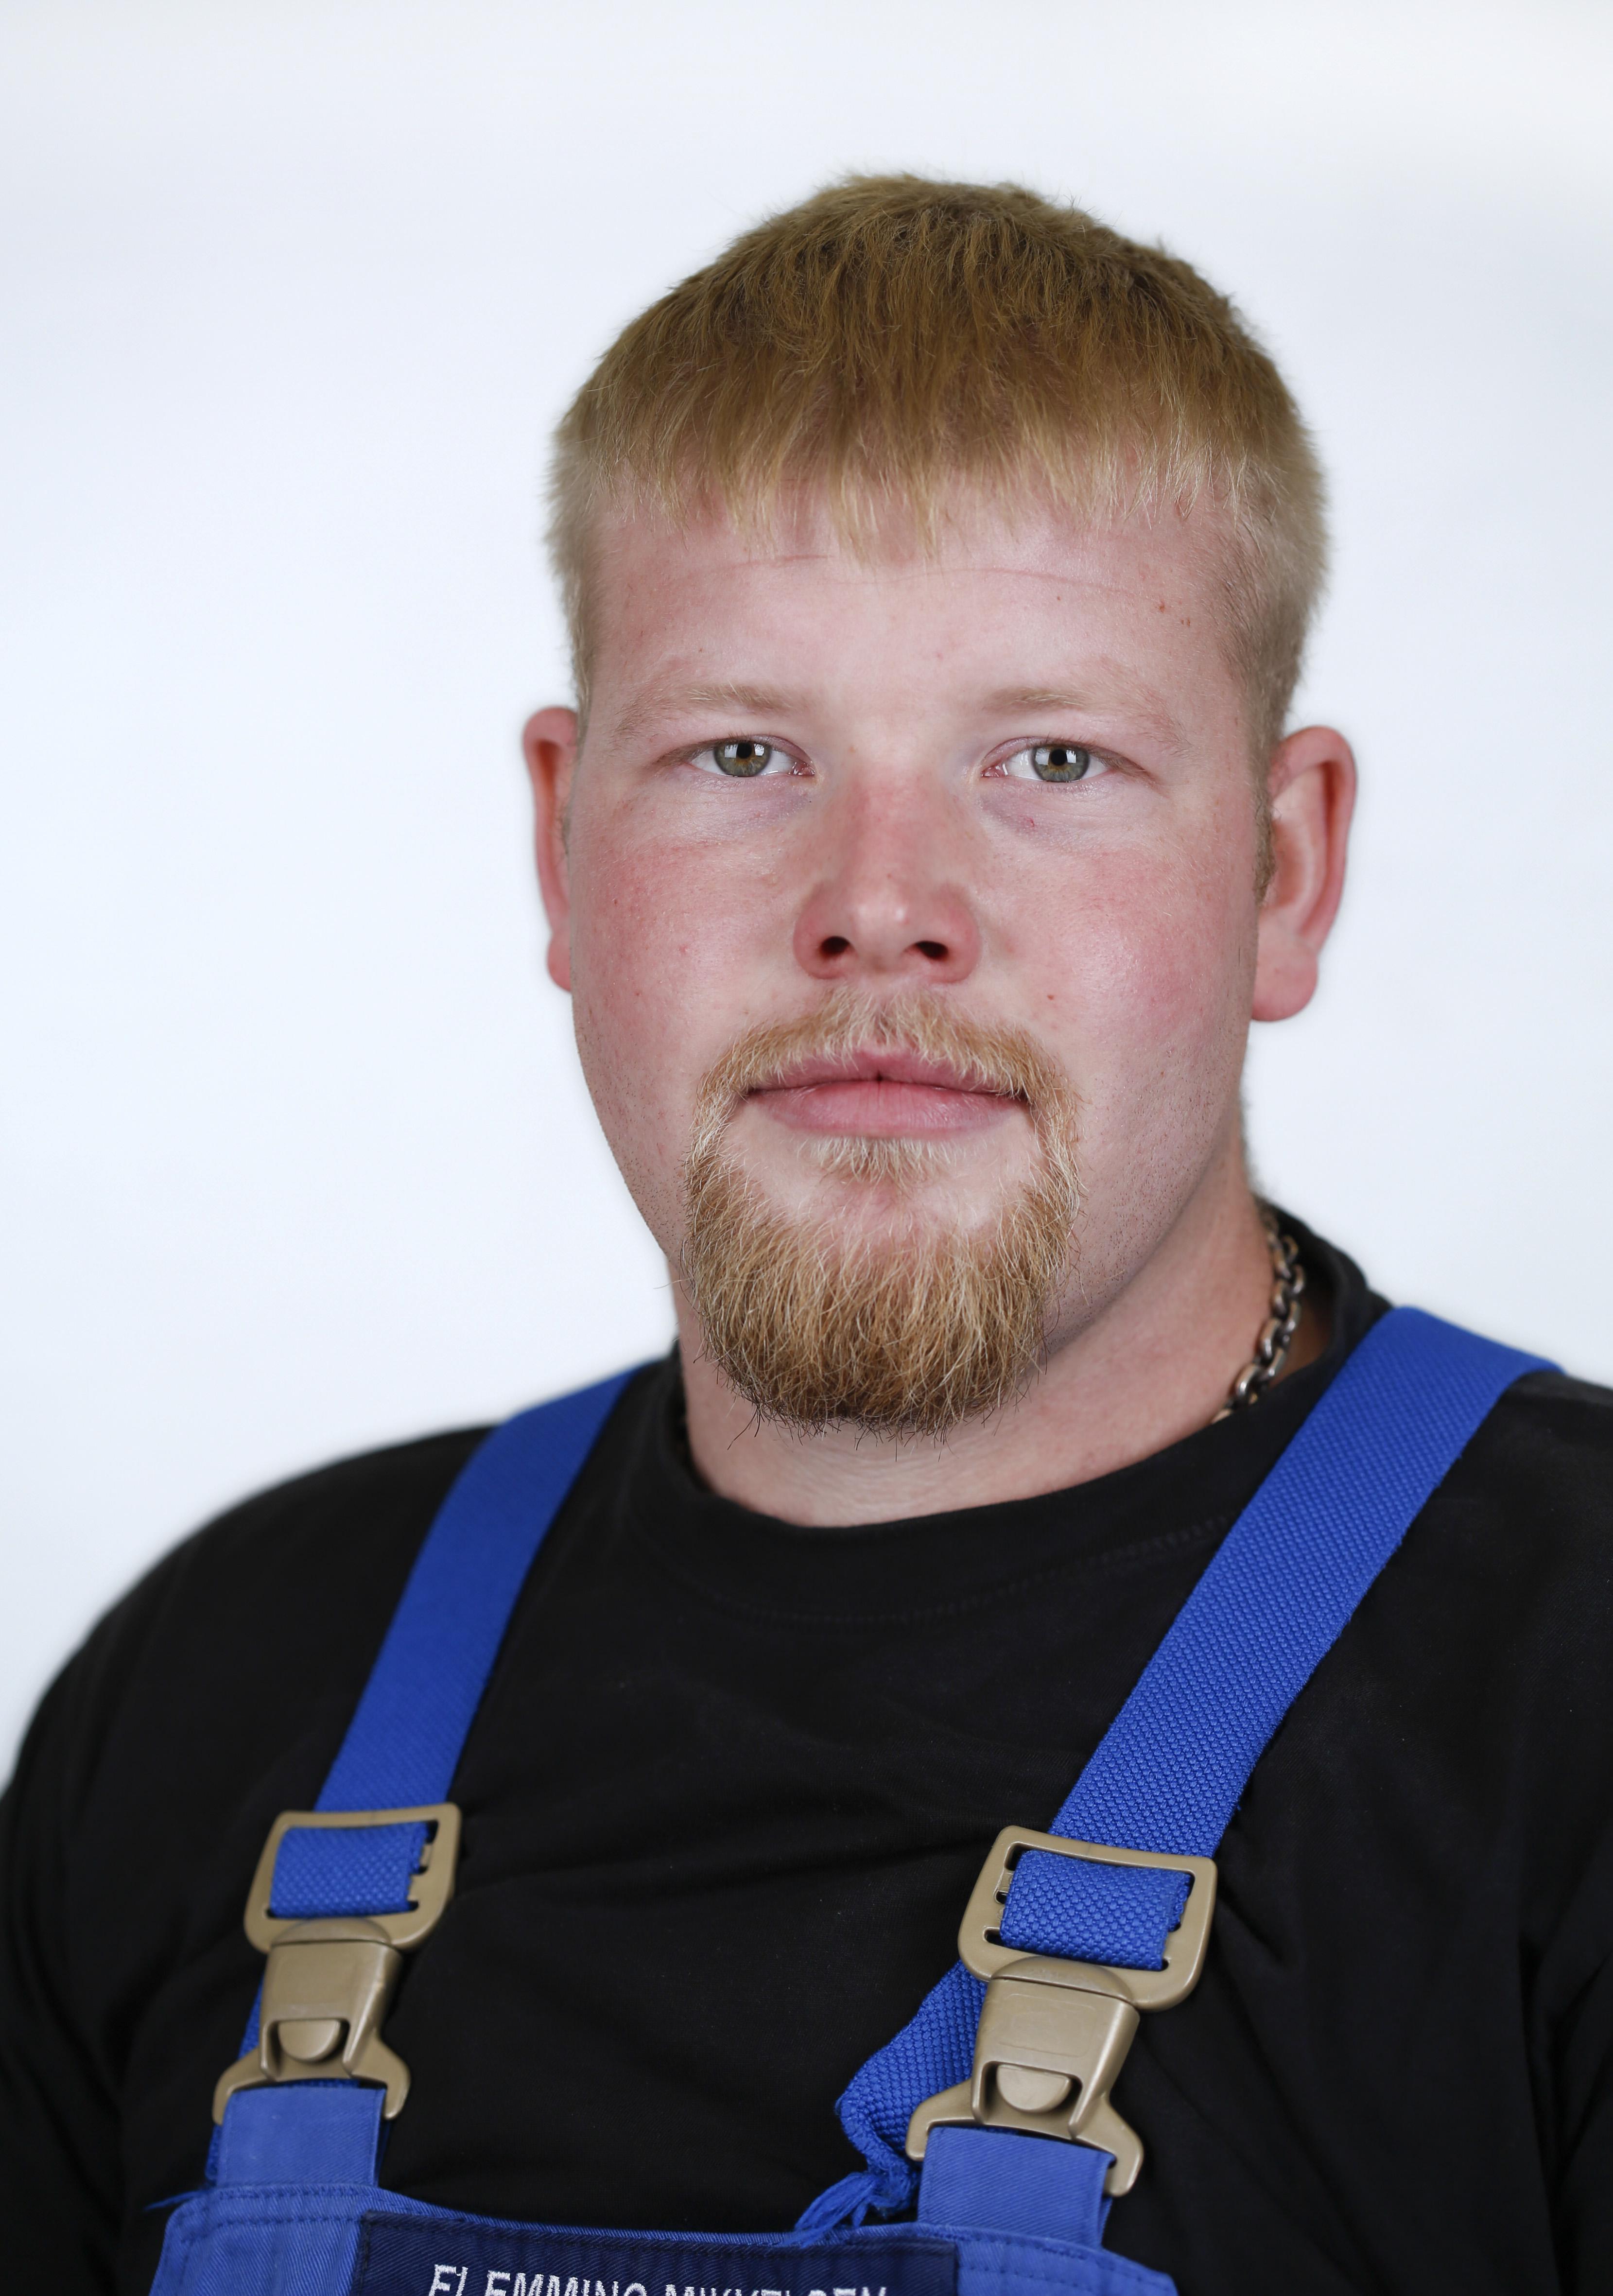 Flemming Mikkelsen